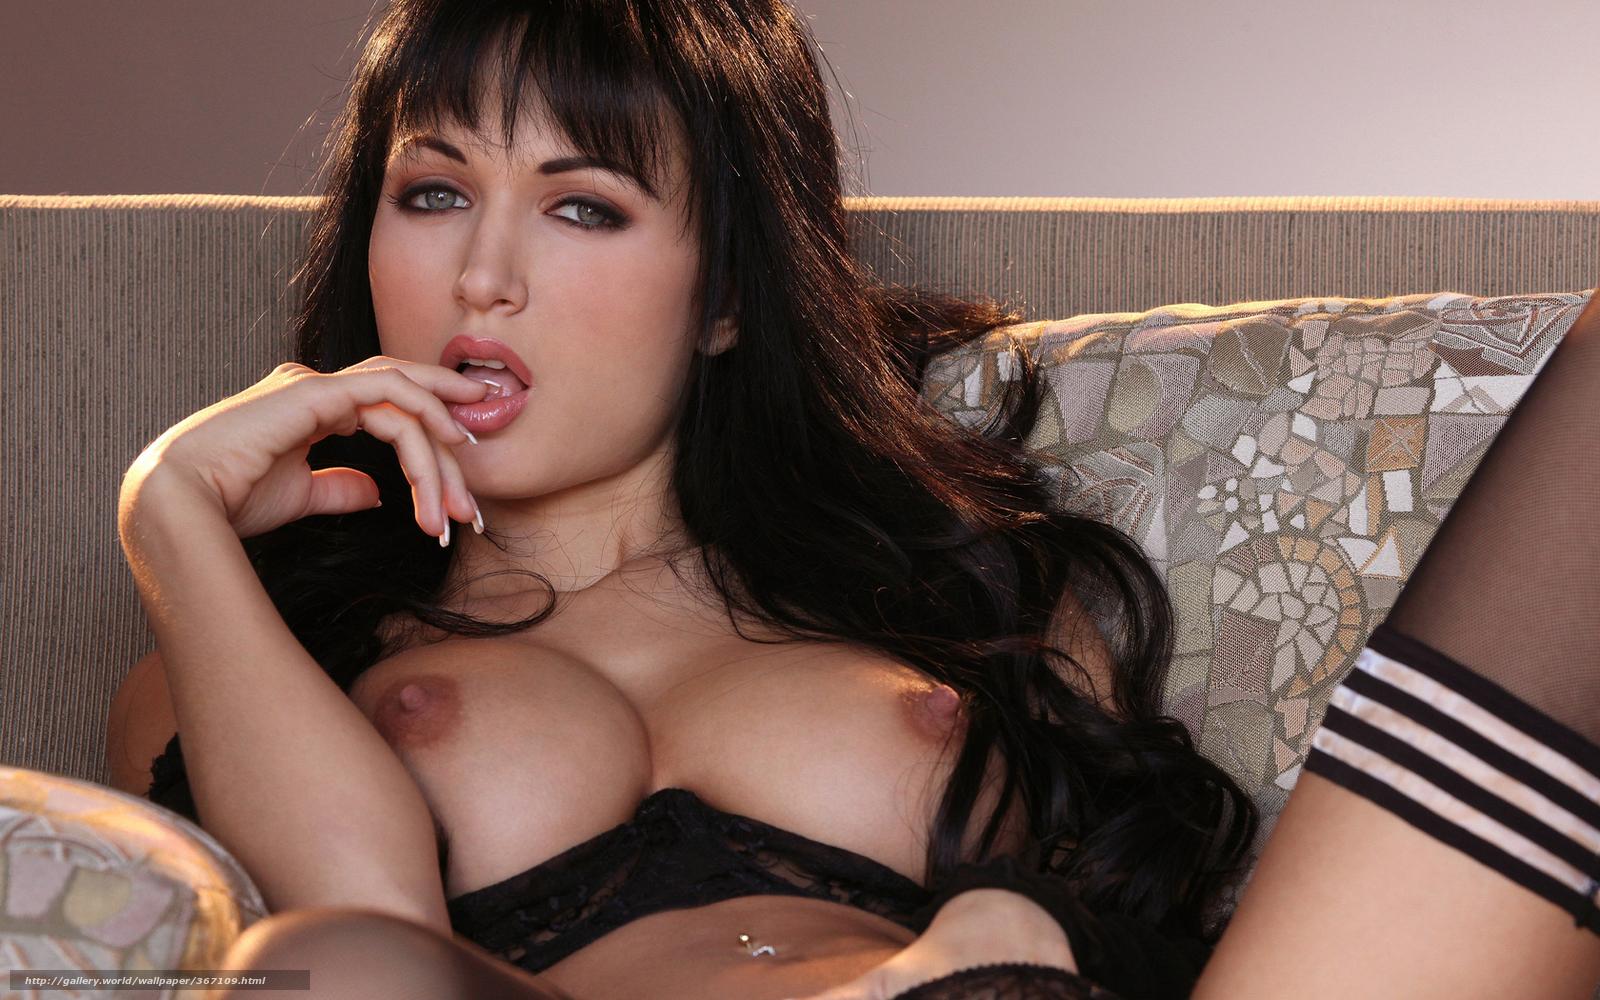 Порно соски брюнетки - ХХХ 18+ для самых преданных поклонников секса